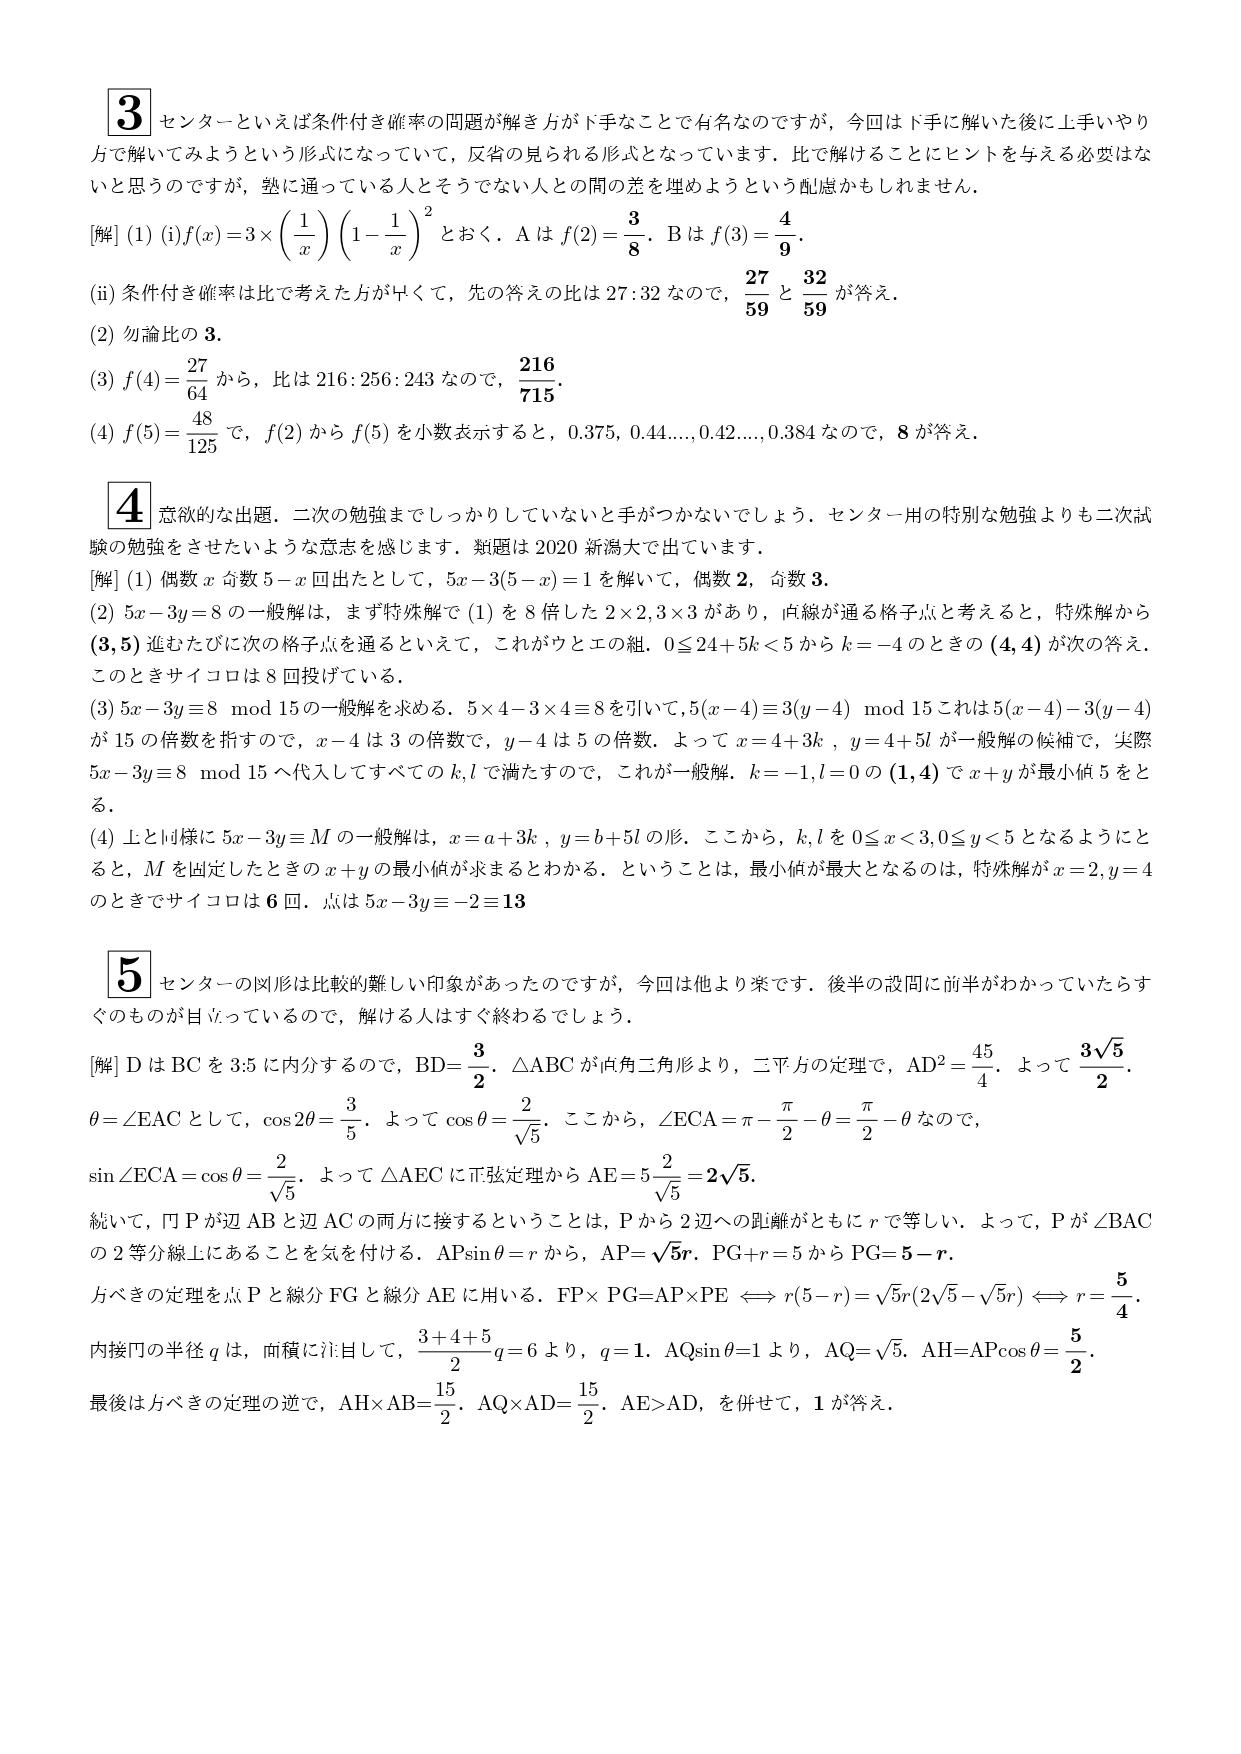 共通テスト 数学ⅠA 解答速報